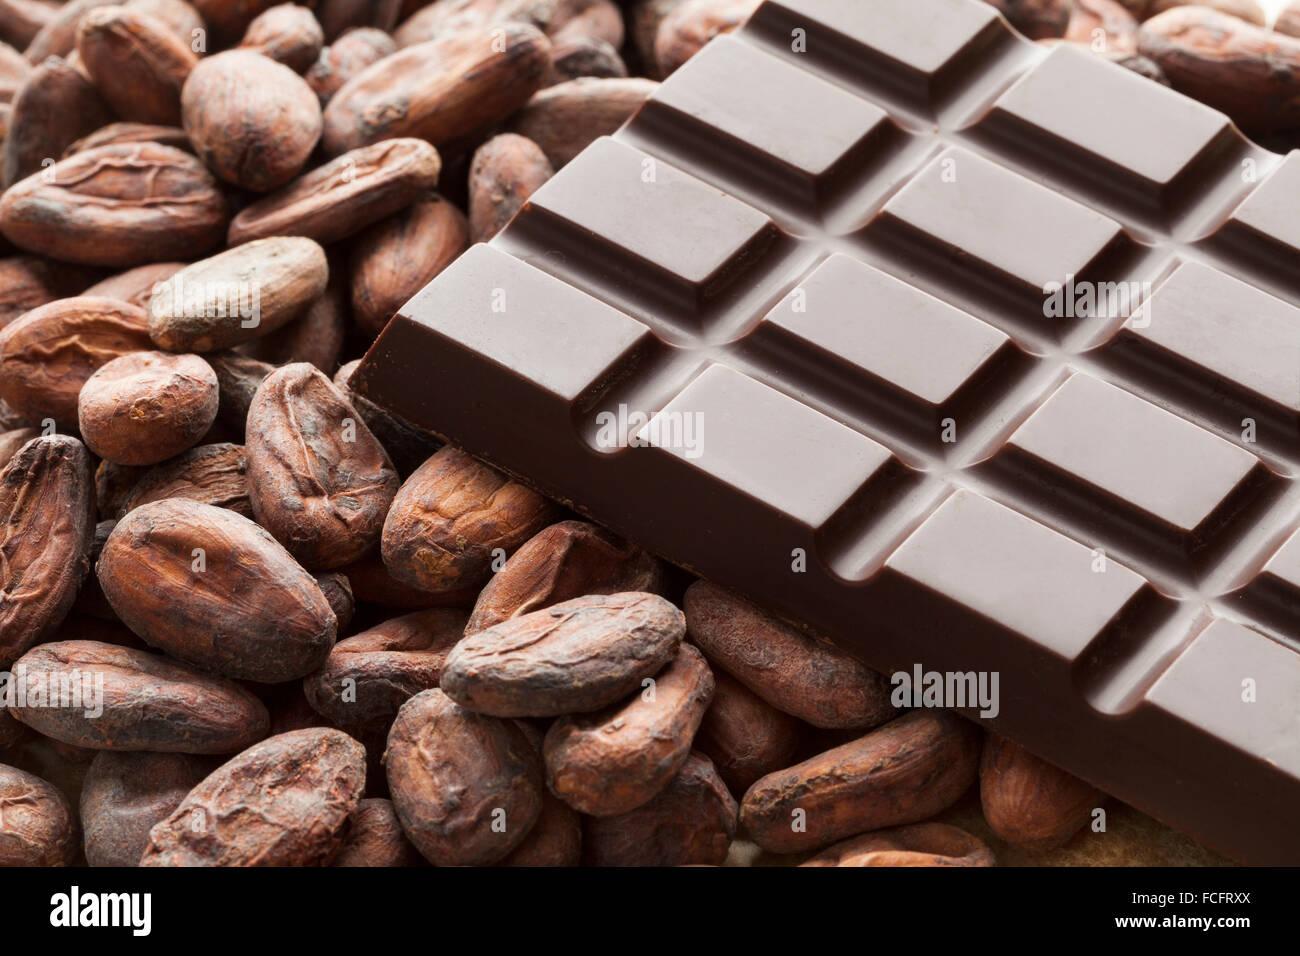 Barre de chocolat avec des fèves de cacao Photo Stock